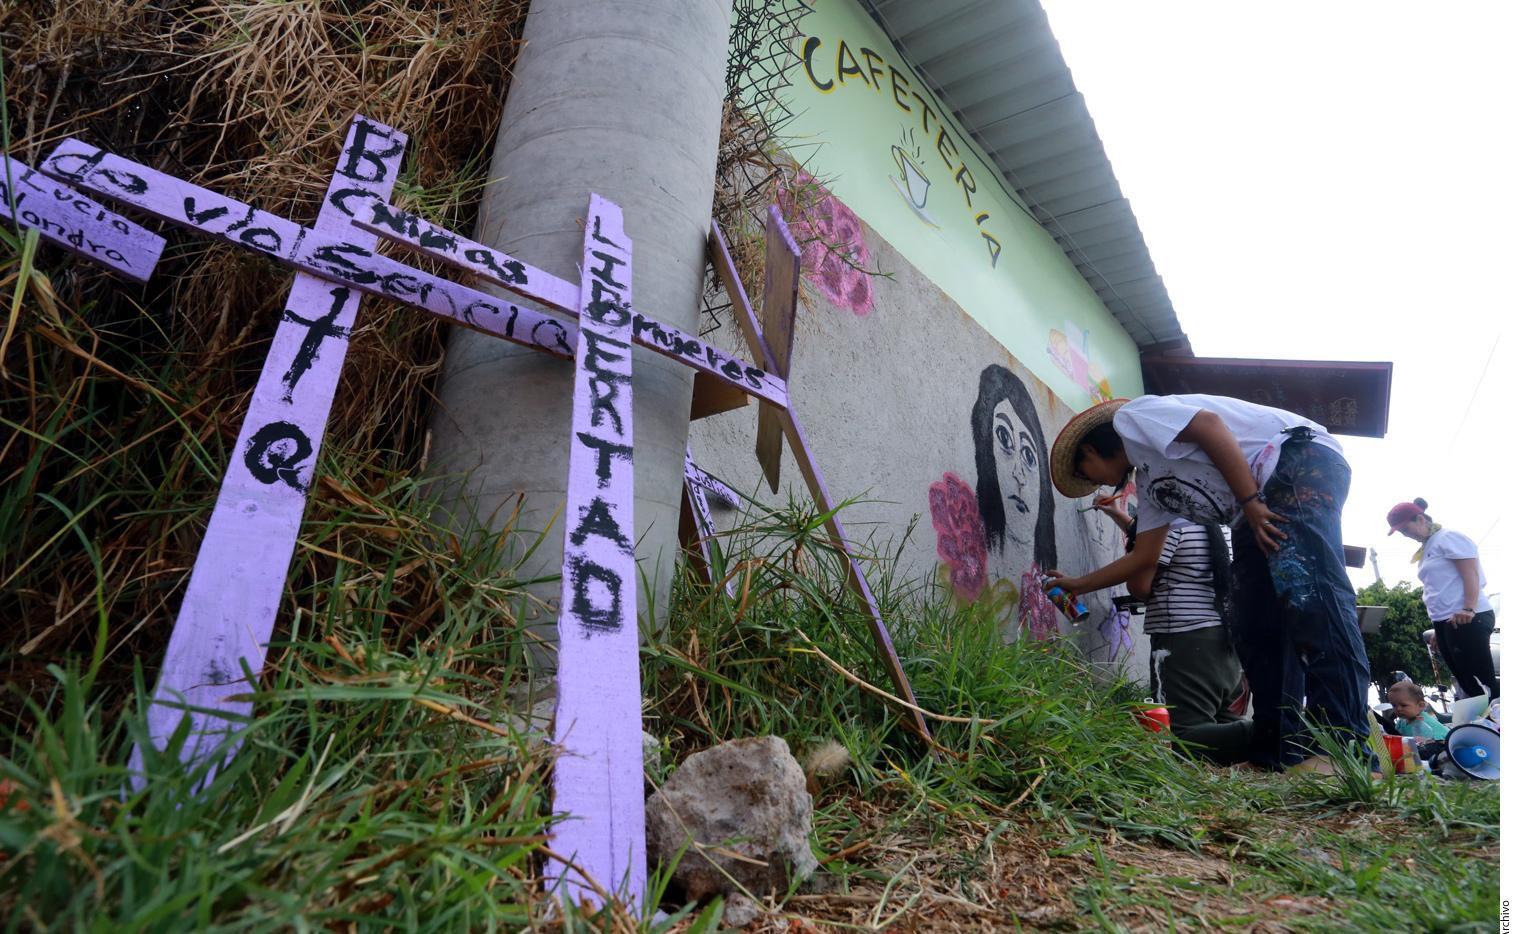 Cruces marcan el lugar donde fueron asesinadas dos mujeres en México.(AGENCIA REFORMA)